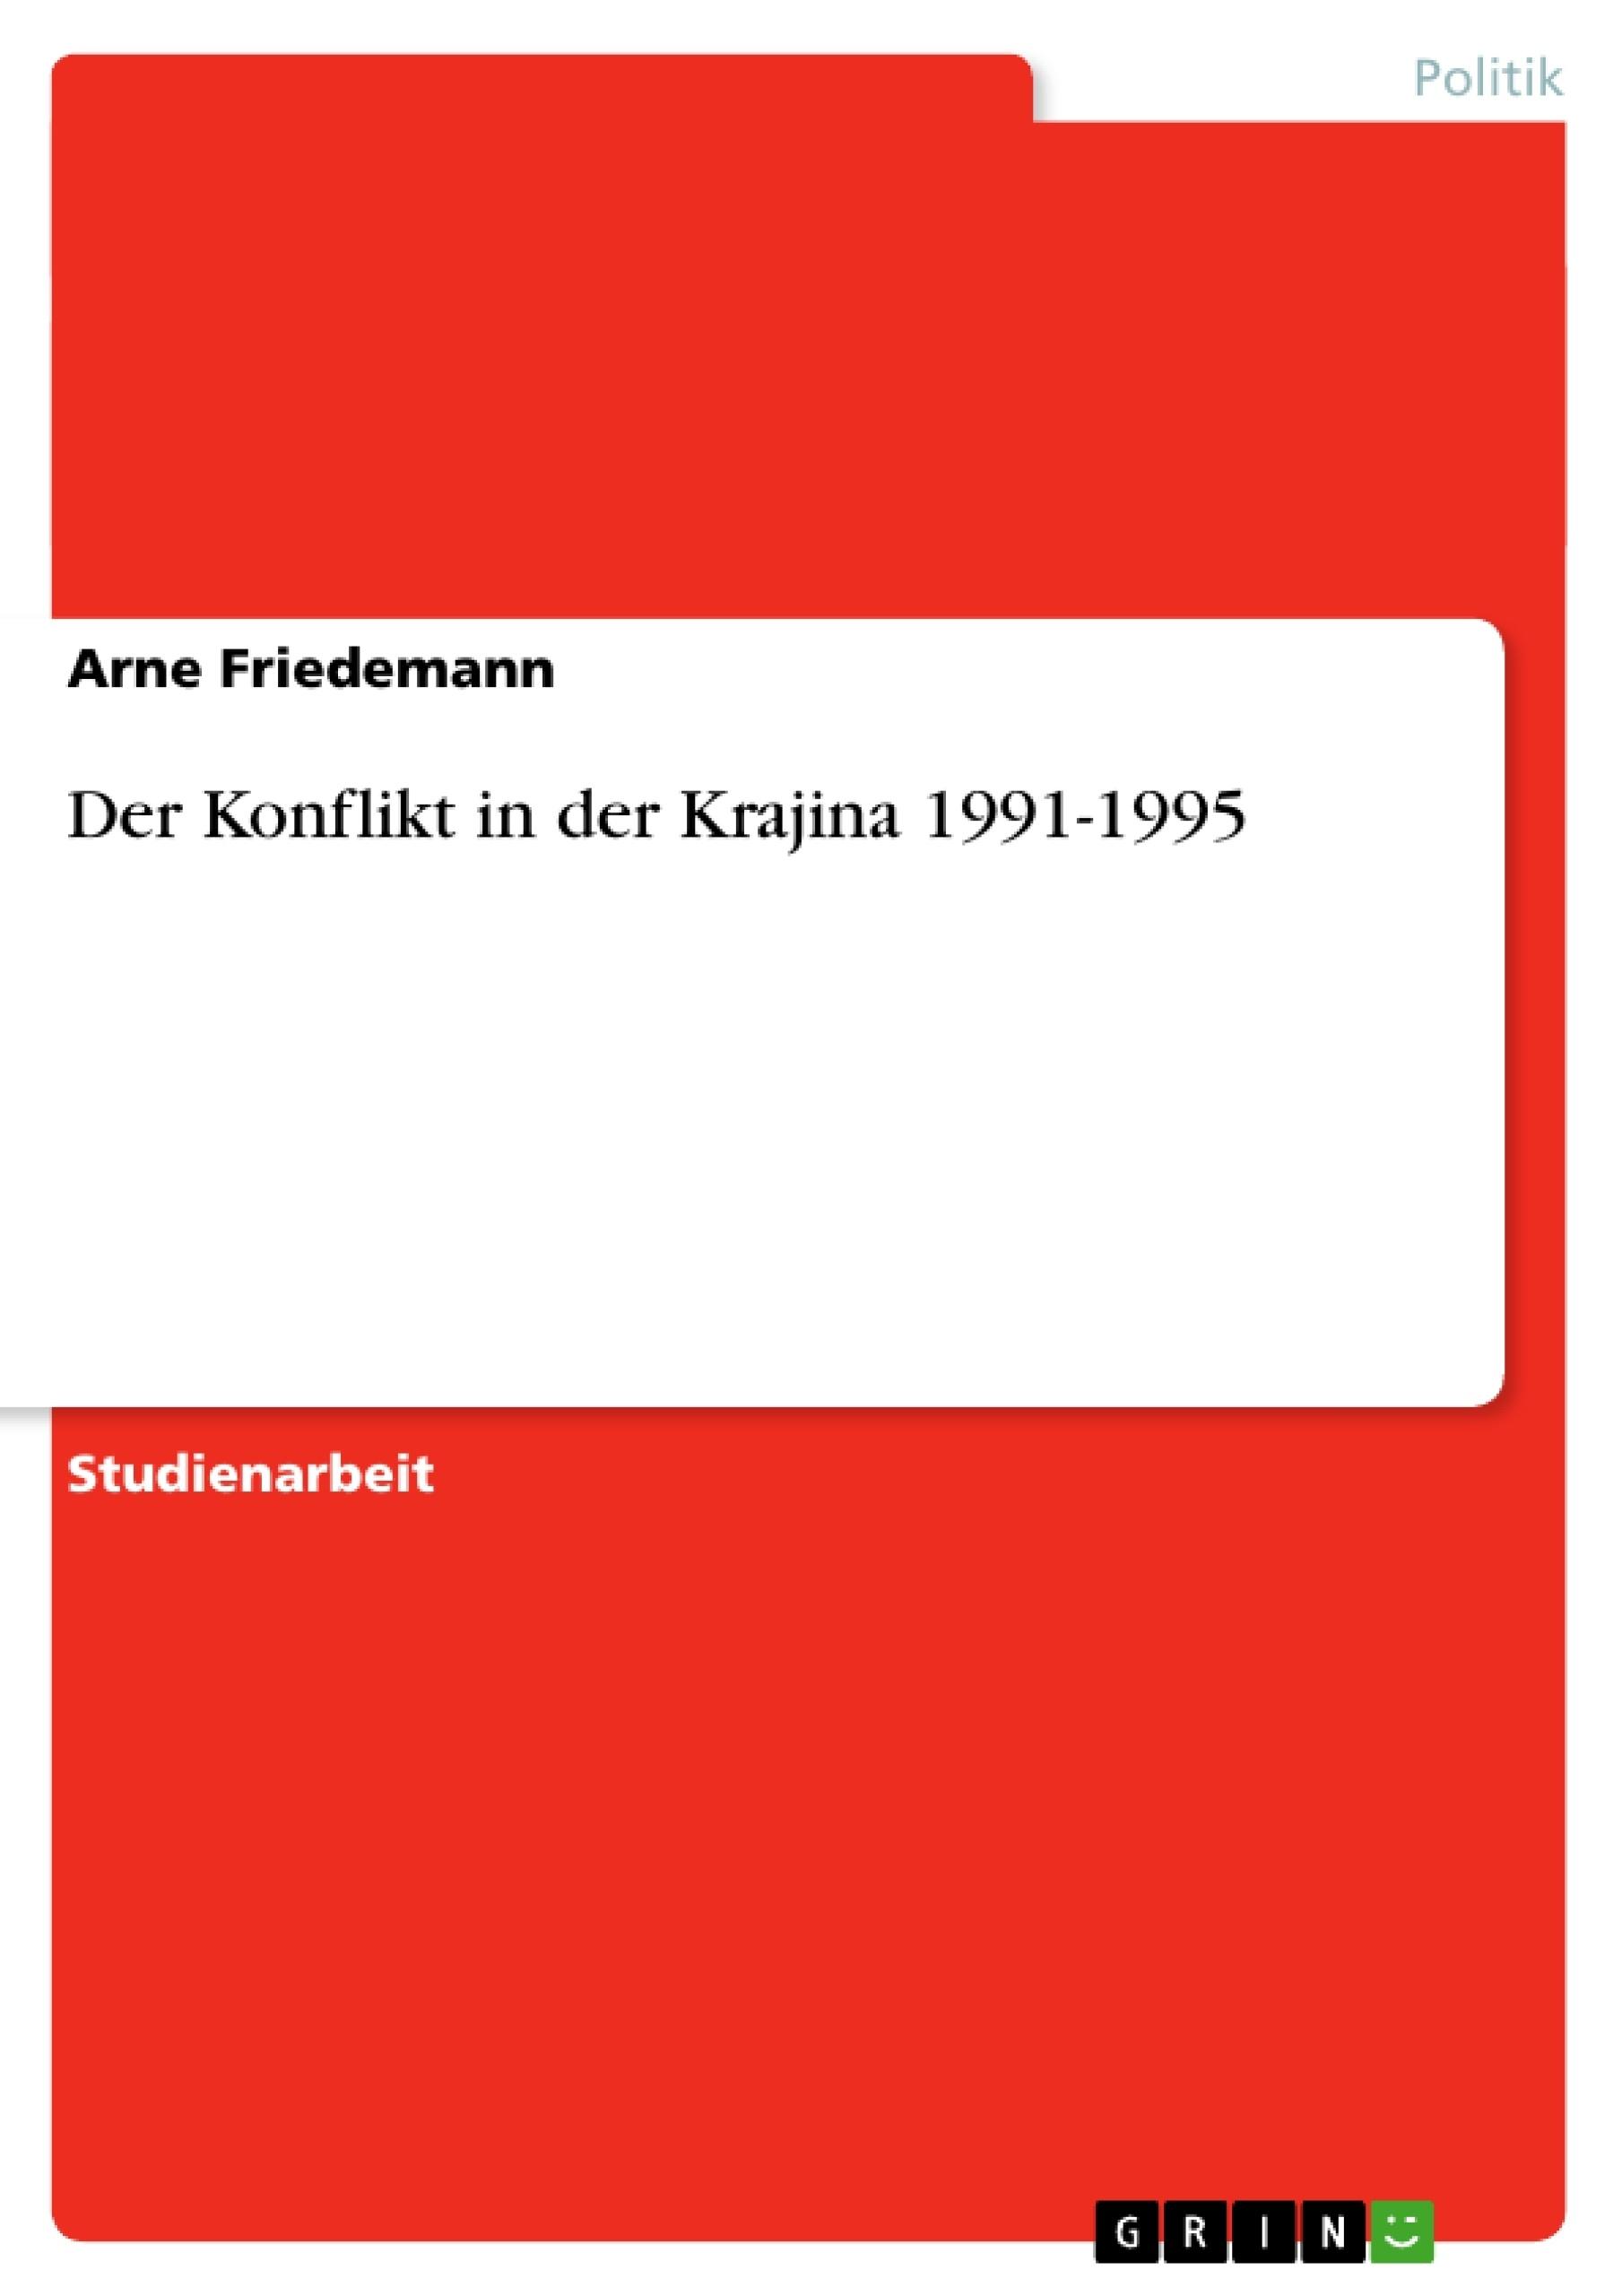 Titel: Der Konflikt in der Krajina 1991-1995